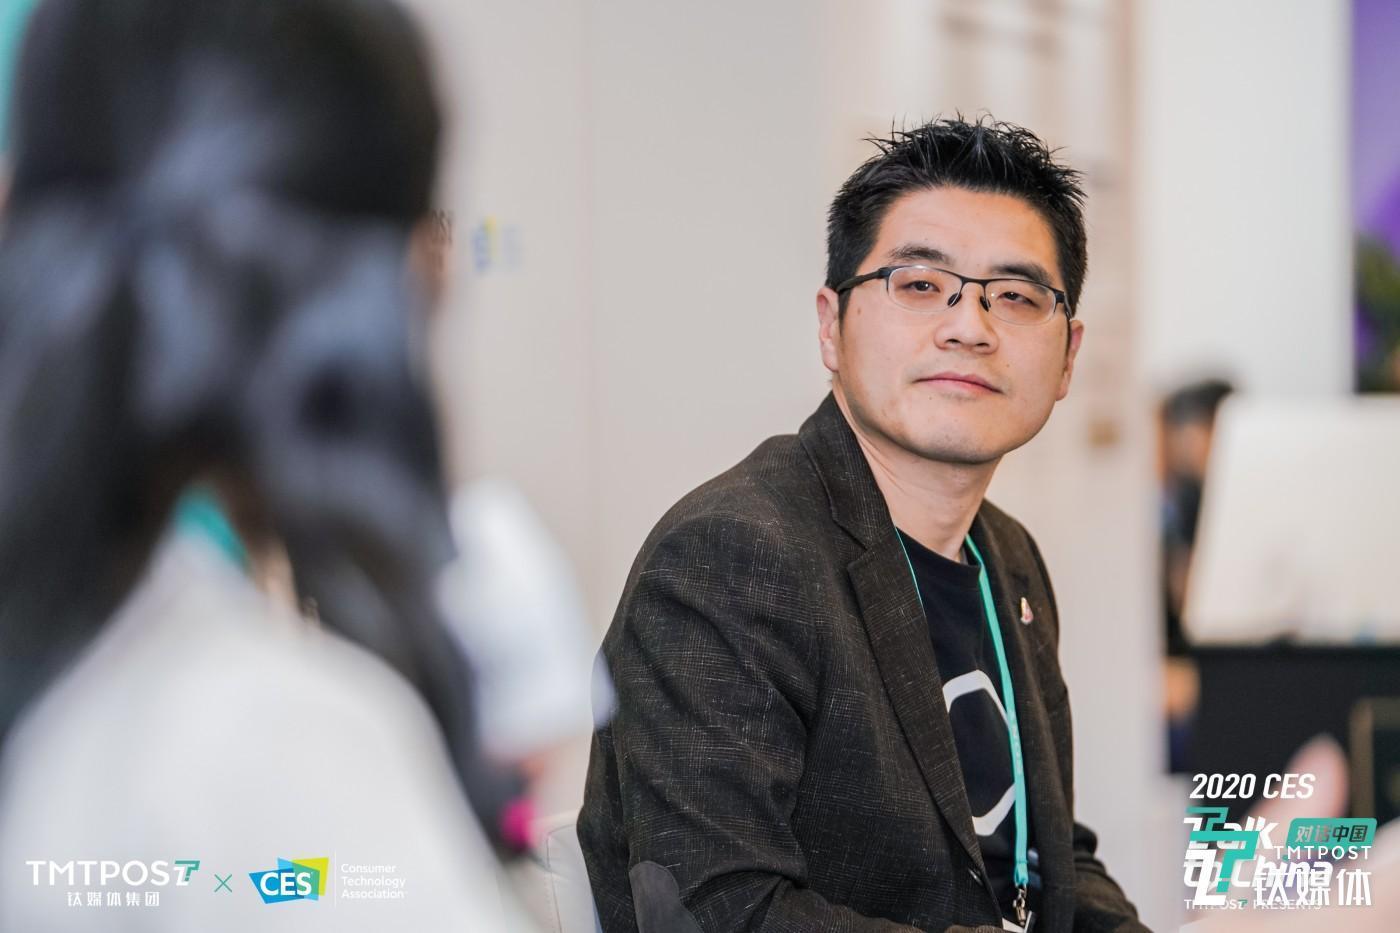 小牛电动 CEO 李彦